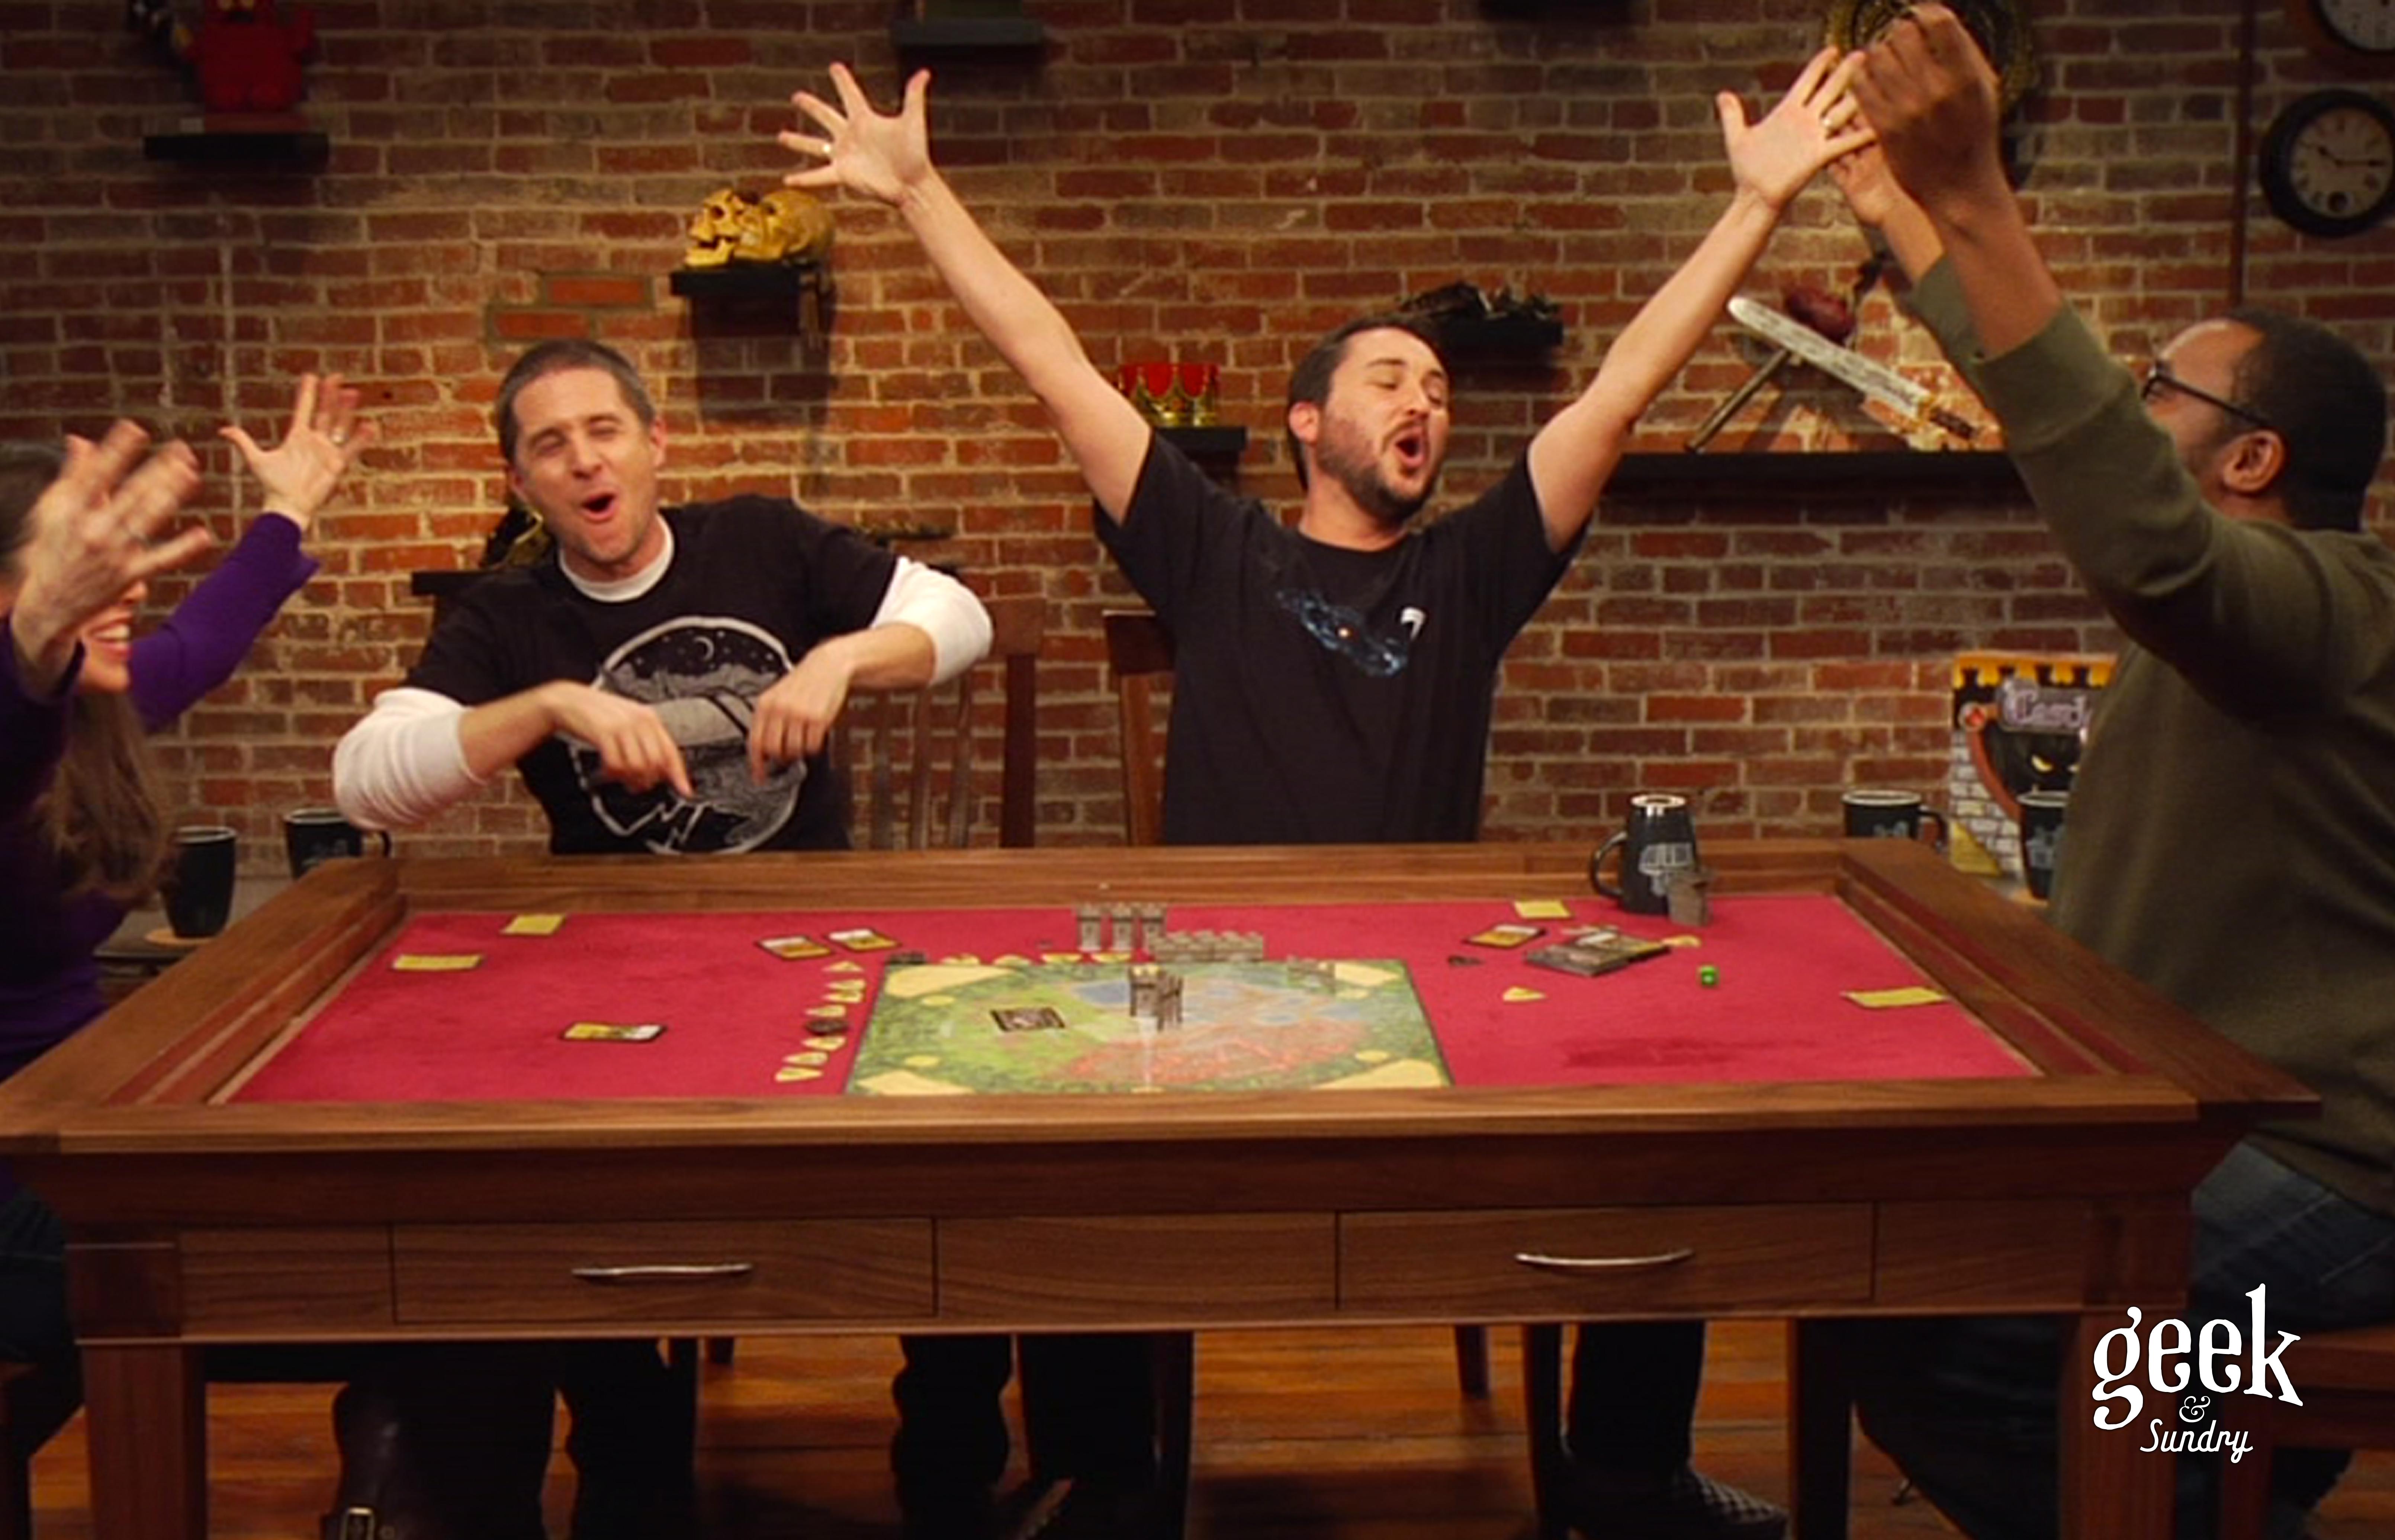 Come introdurre i vostri amici (babbani) ai giochi da tavolo